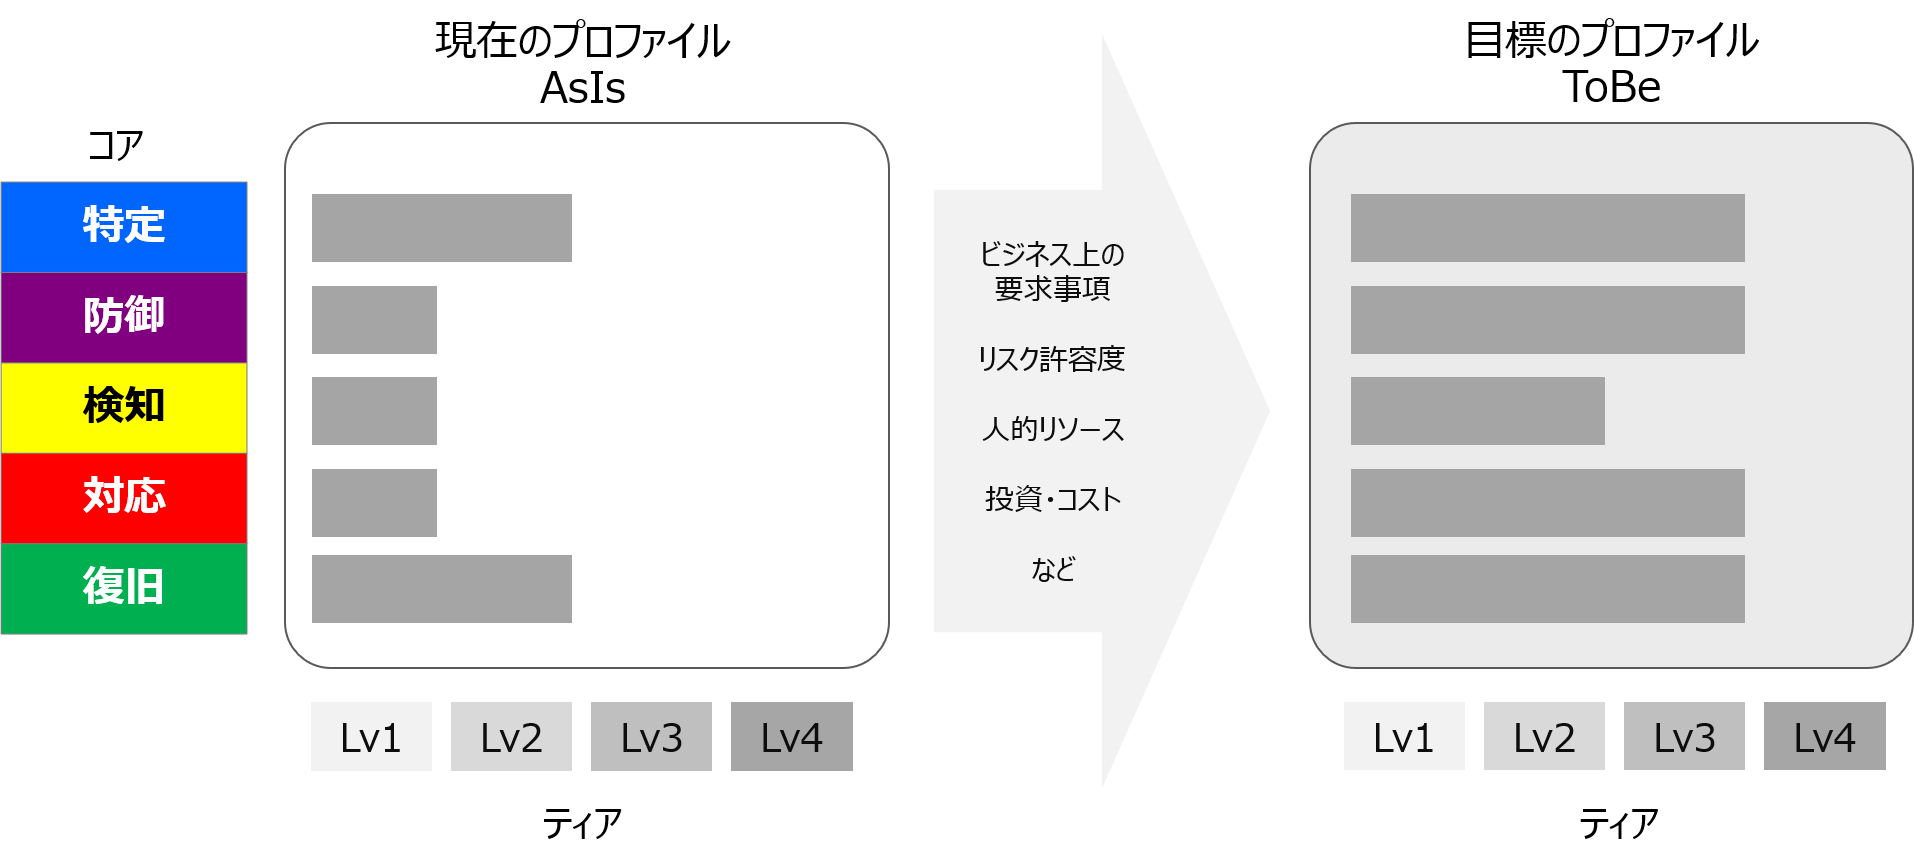 NIST-CSF-ProfileUsecase2